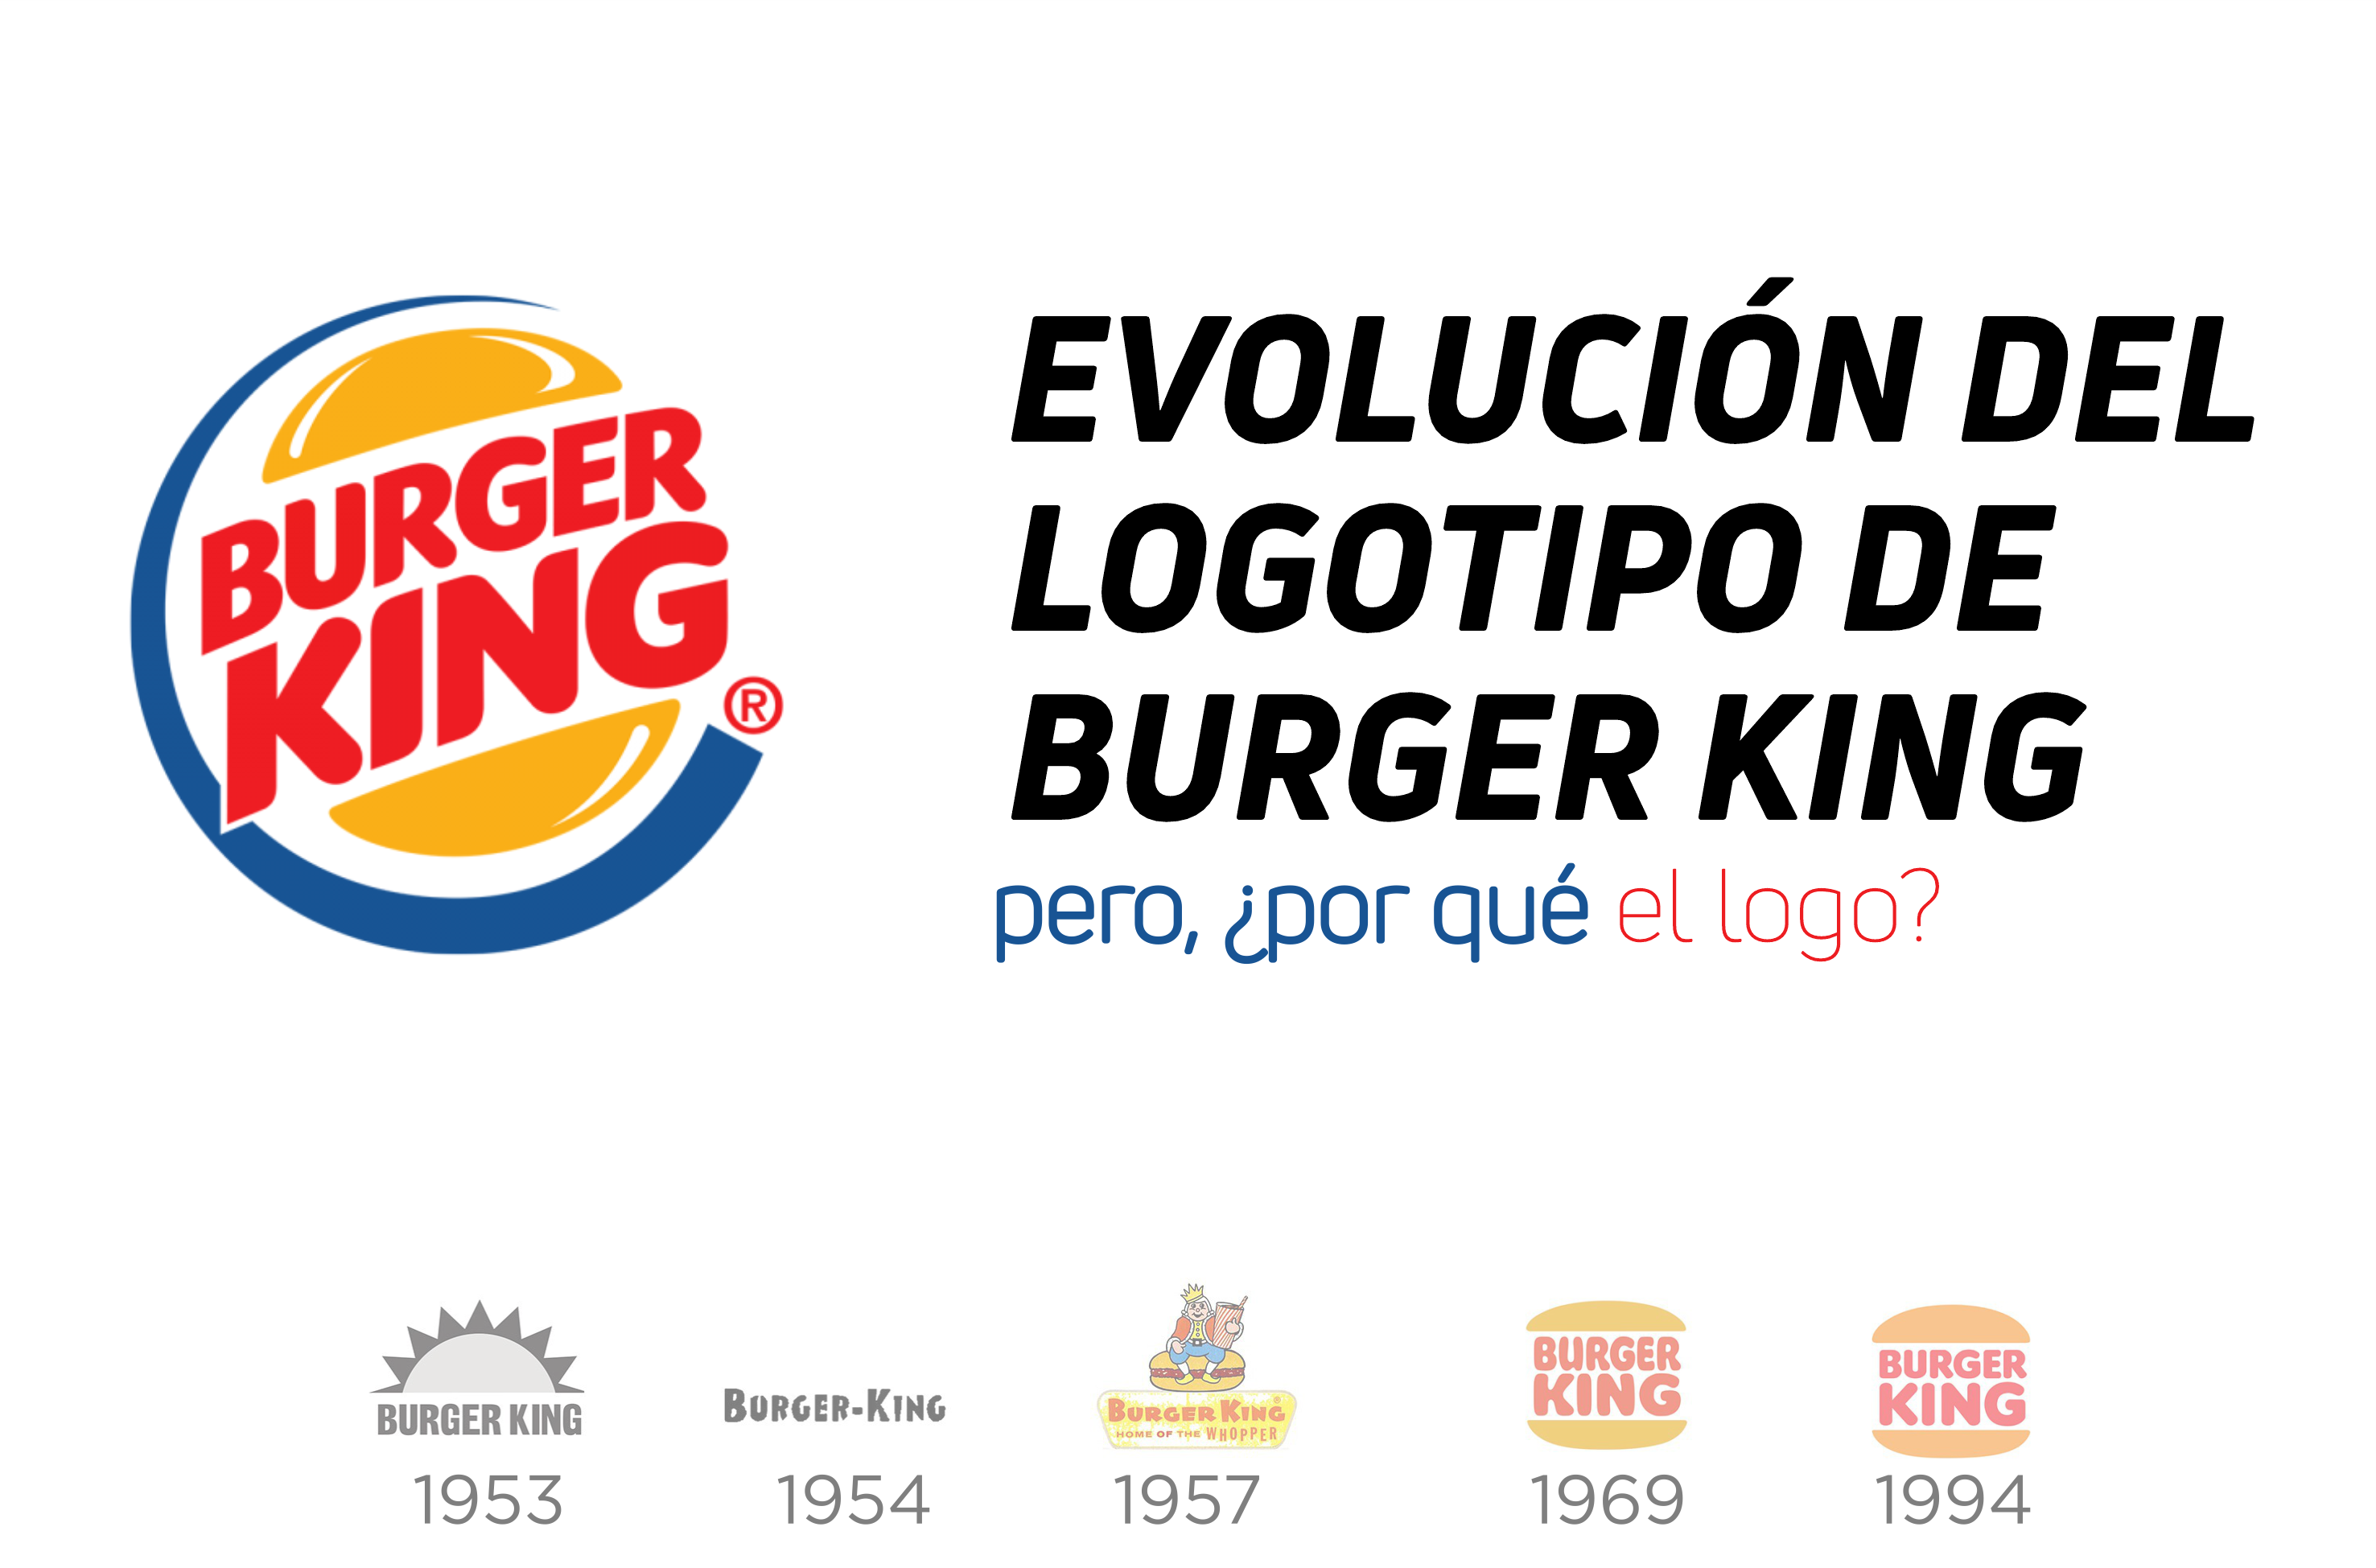 evolucion logo burguer king rebranding